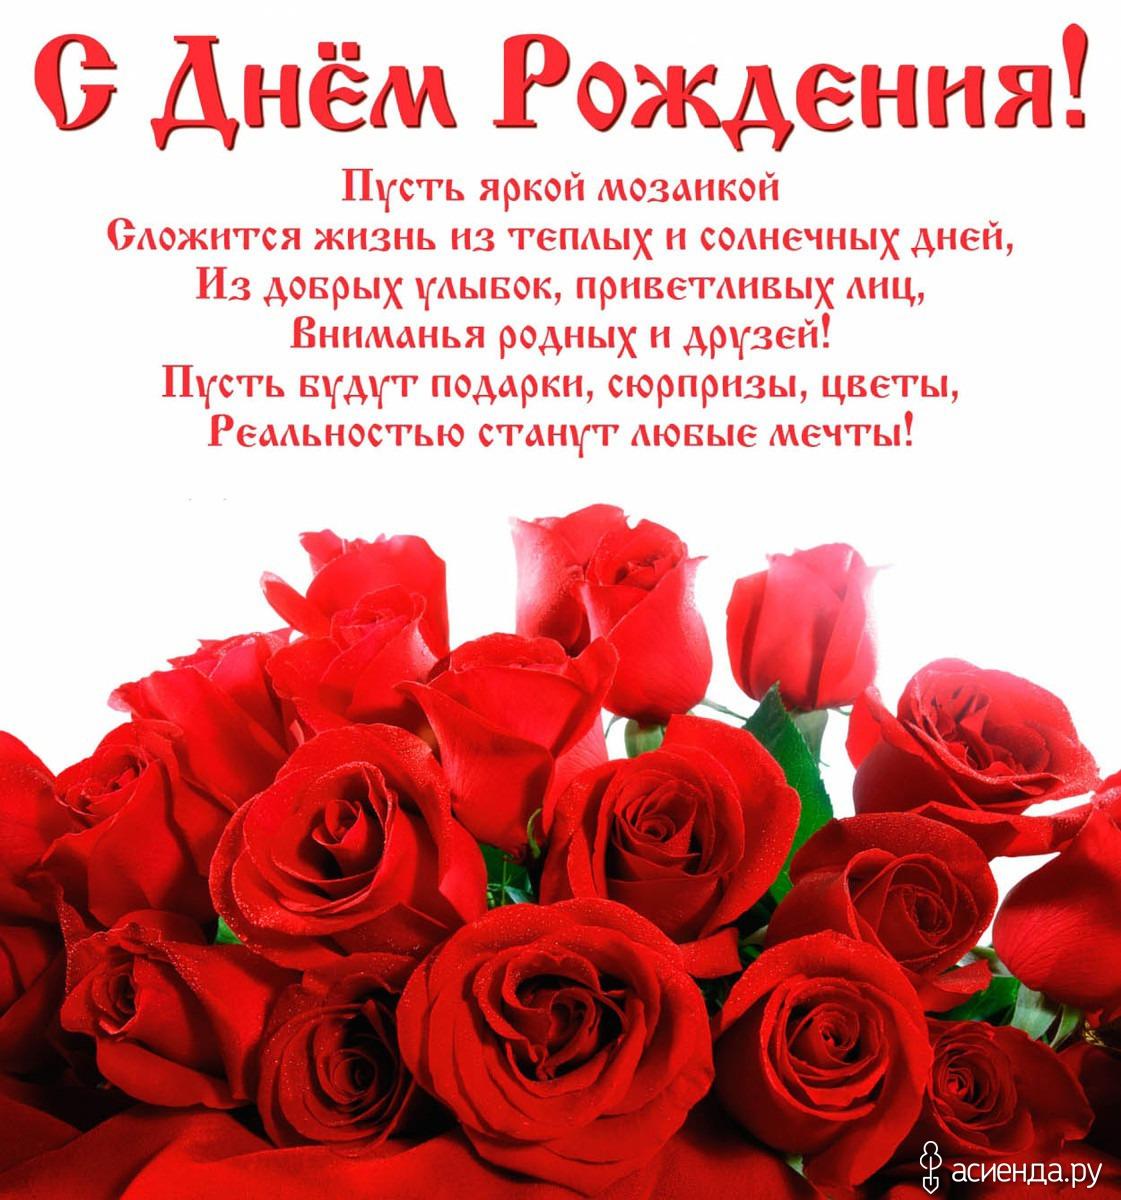 С днем красивое пожелание любви